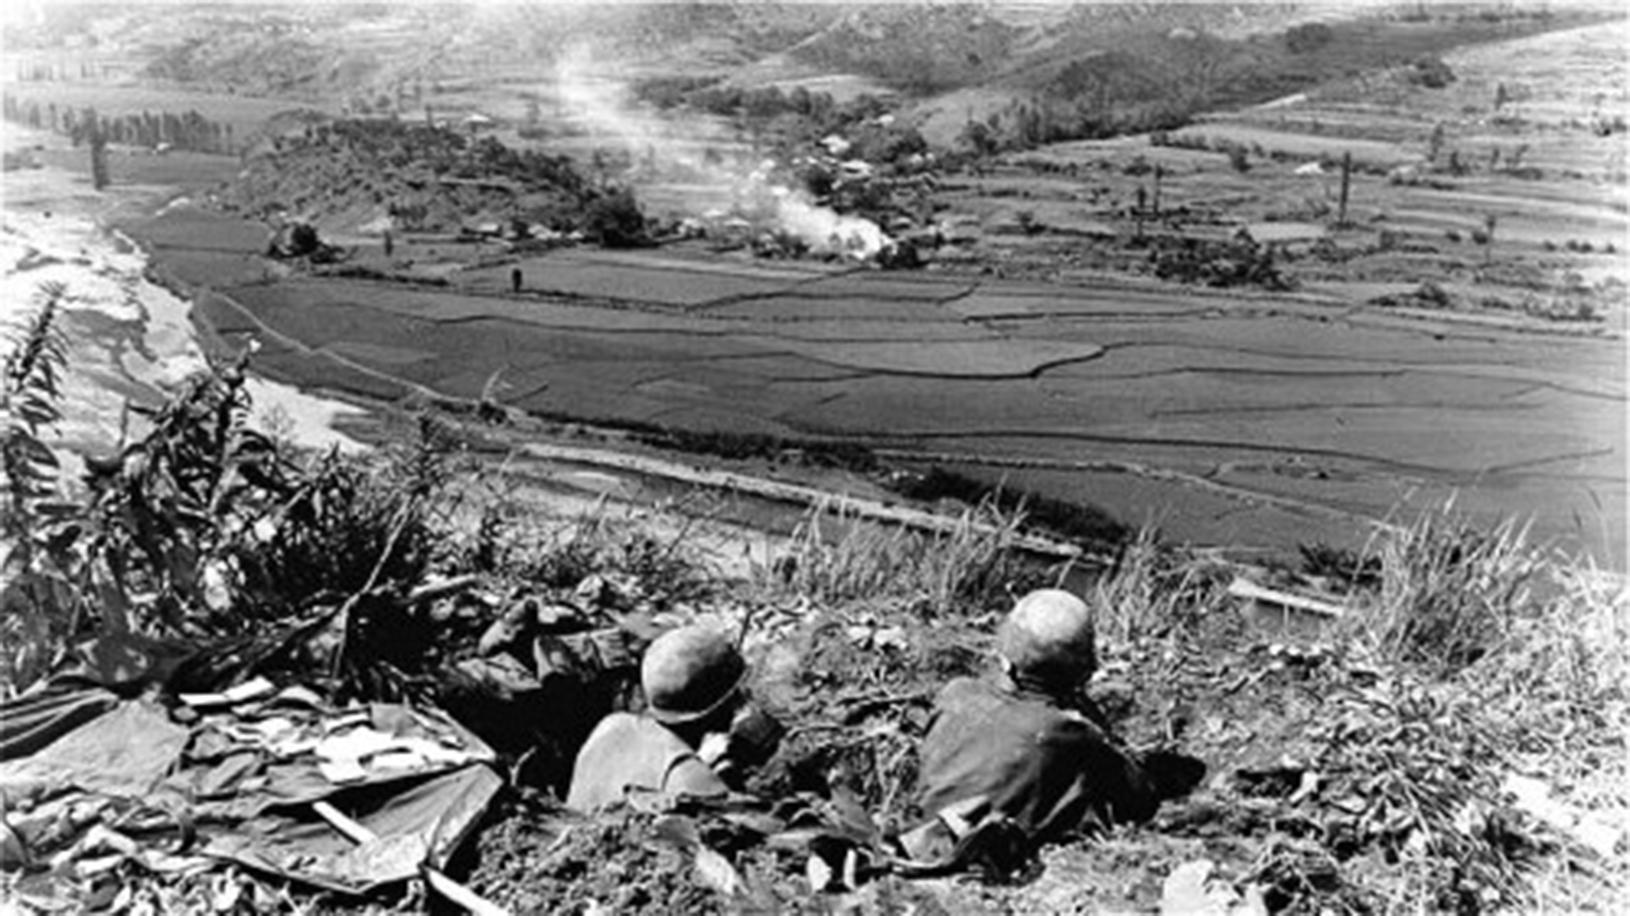 韓戰造成朝鮮軍民死亡300萬人,韓國軍和中國軍隊死亡200多萬,幾十萬兒童成為孤兒,數百萬人無家可歸,數百萬人終身殘廢。(公有領域)